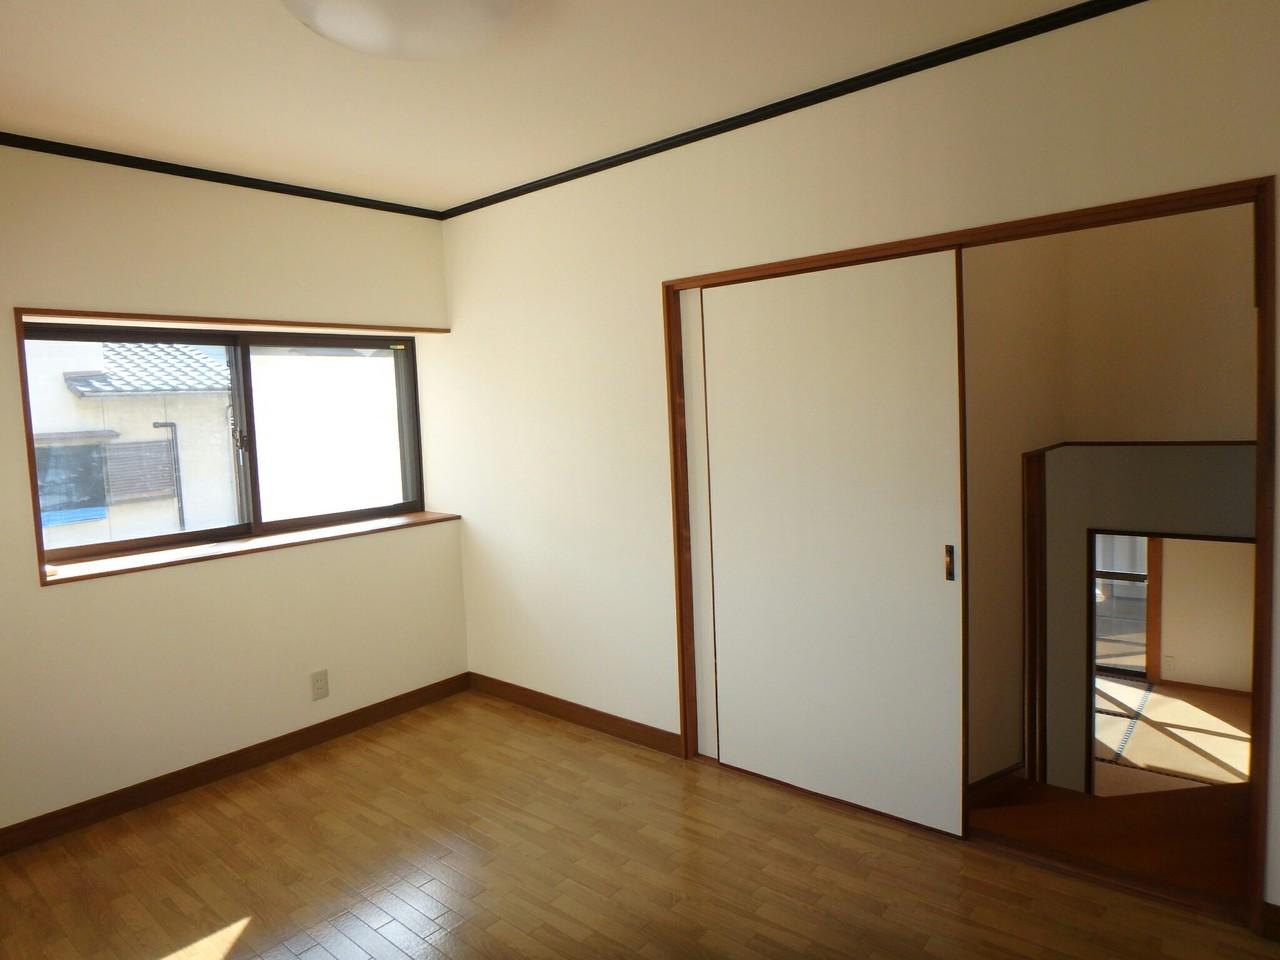 中2階にある洋室です。どのような部屋にするかはお客様次第♪ とっても日当りもいいですよ♪